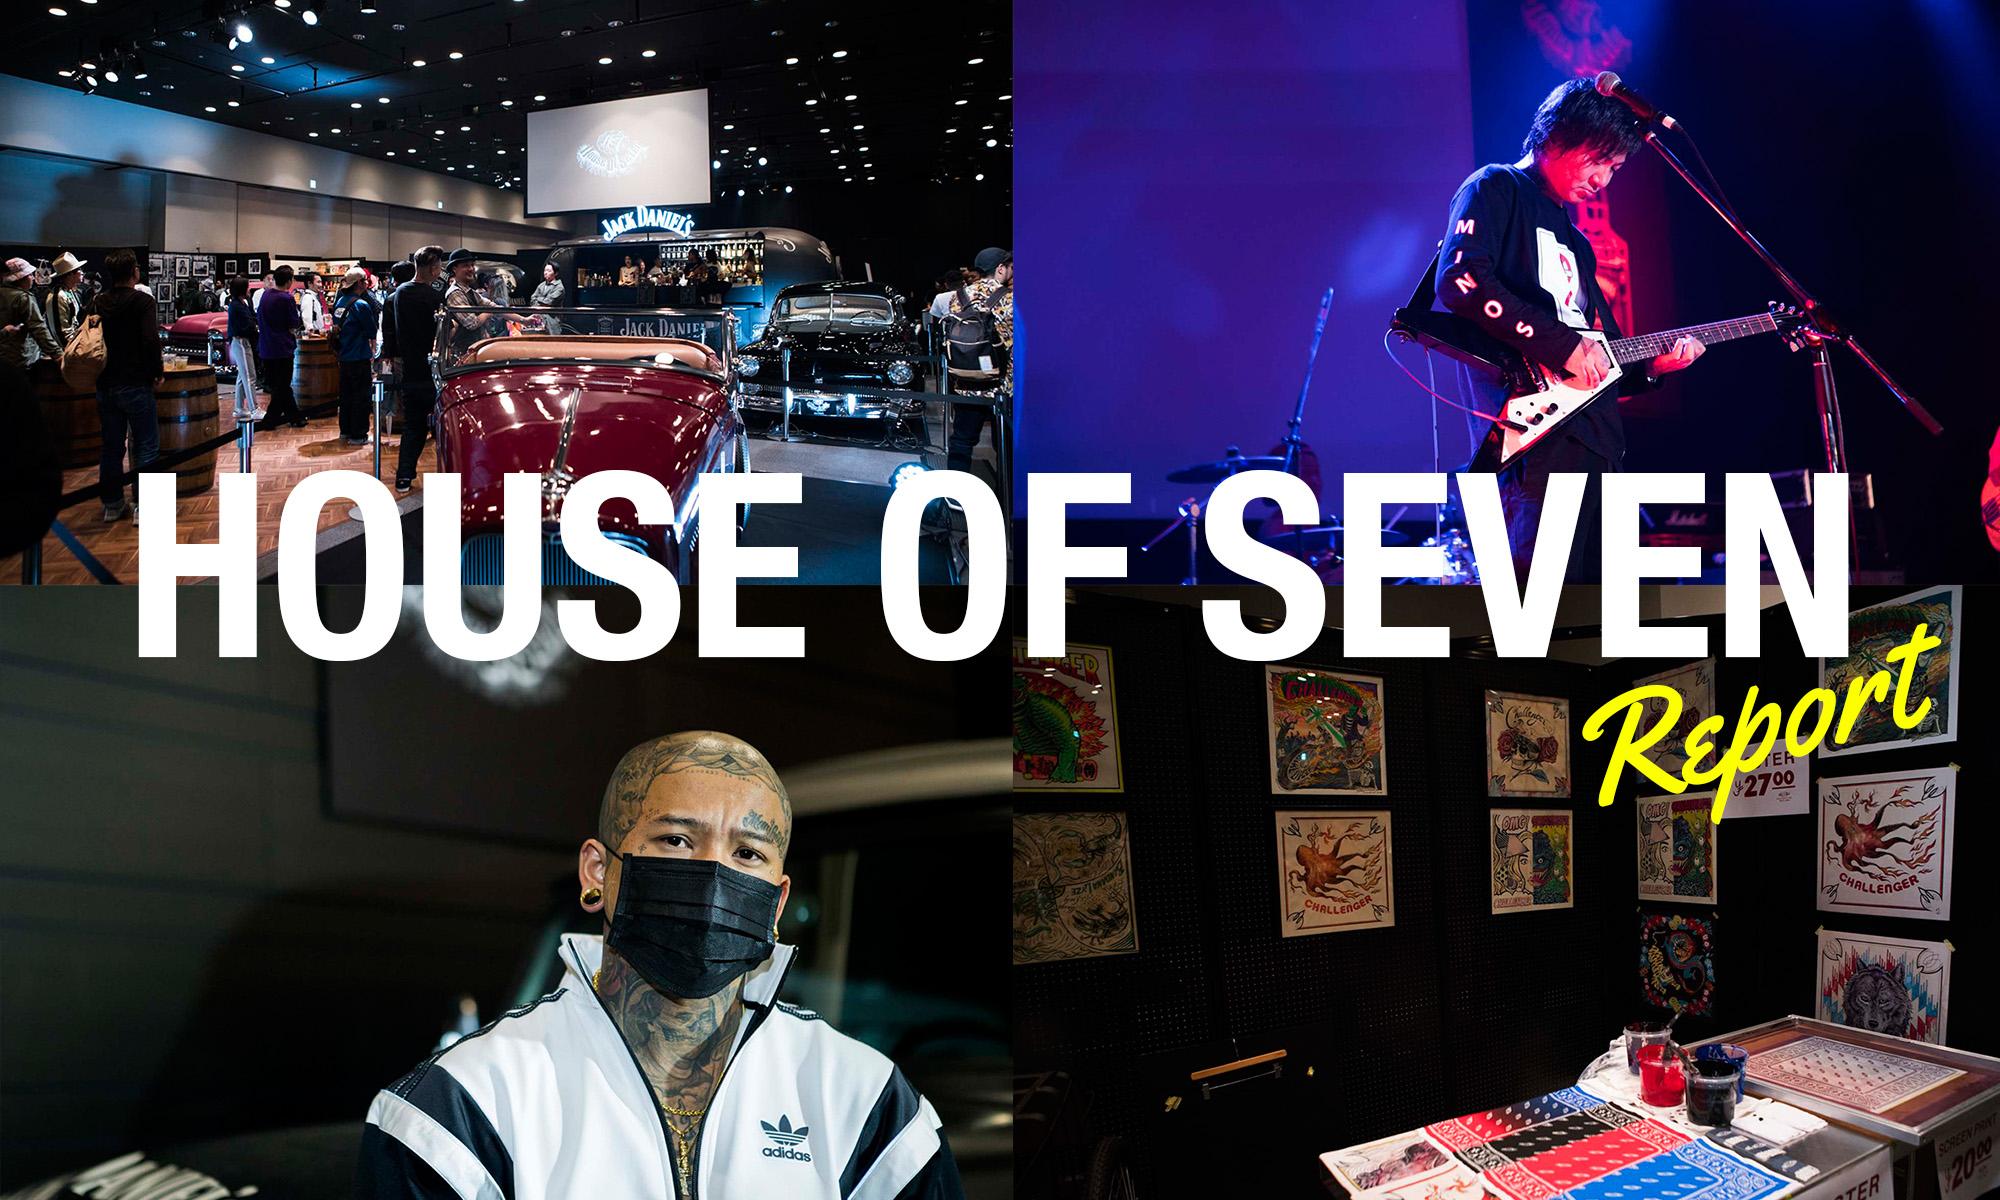 日本最大級のバーバー&カルチャーフェスのキーマンを直撃 HOUSE OF SEVEN -INTERVIEWS-